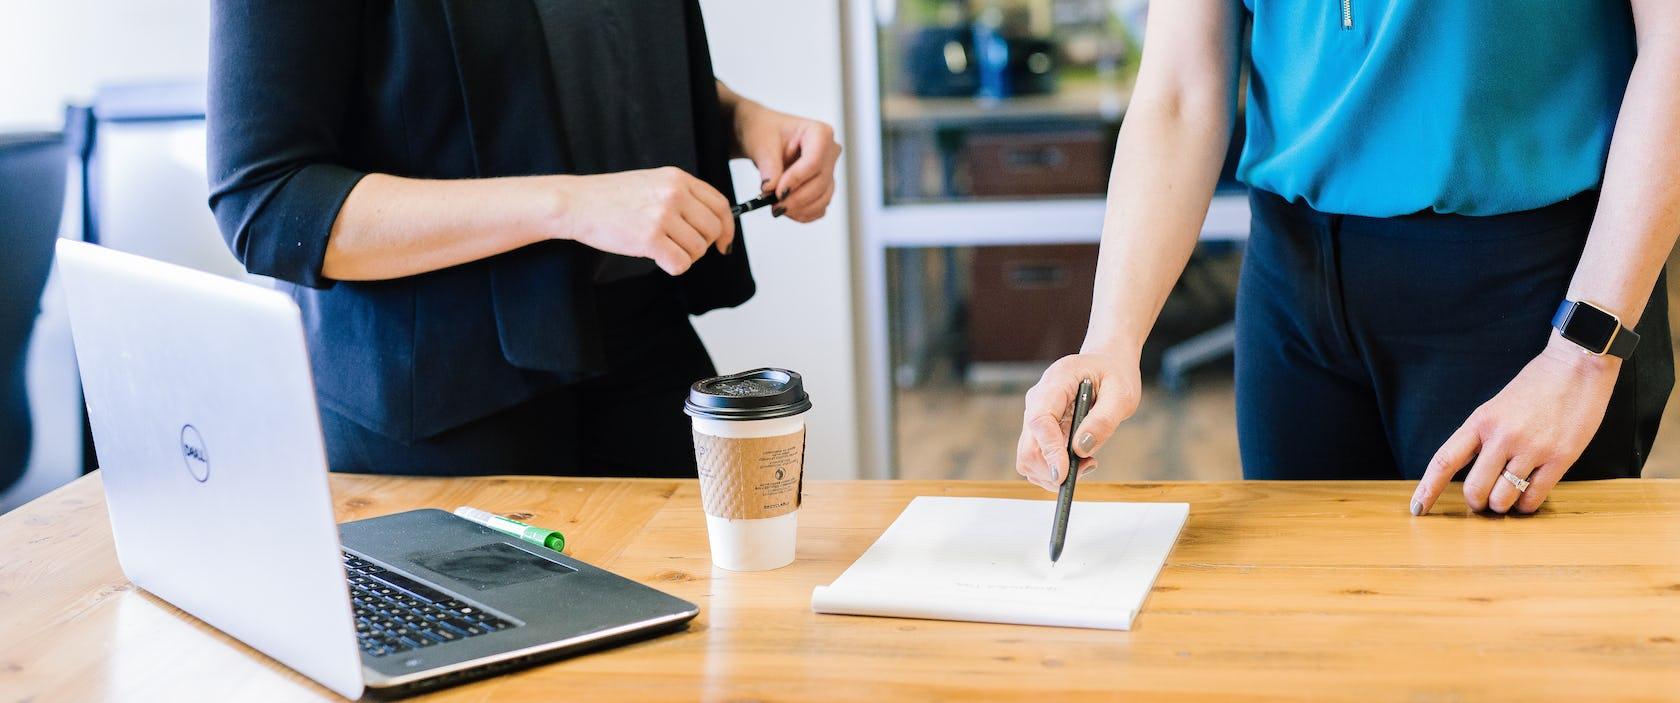 Délai pour communiquer un planning de travail